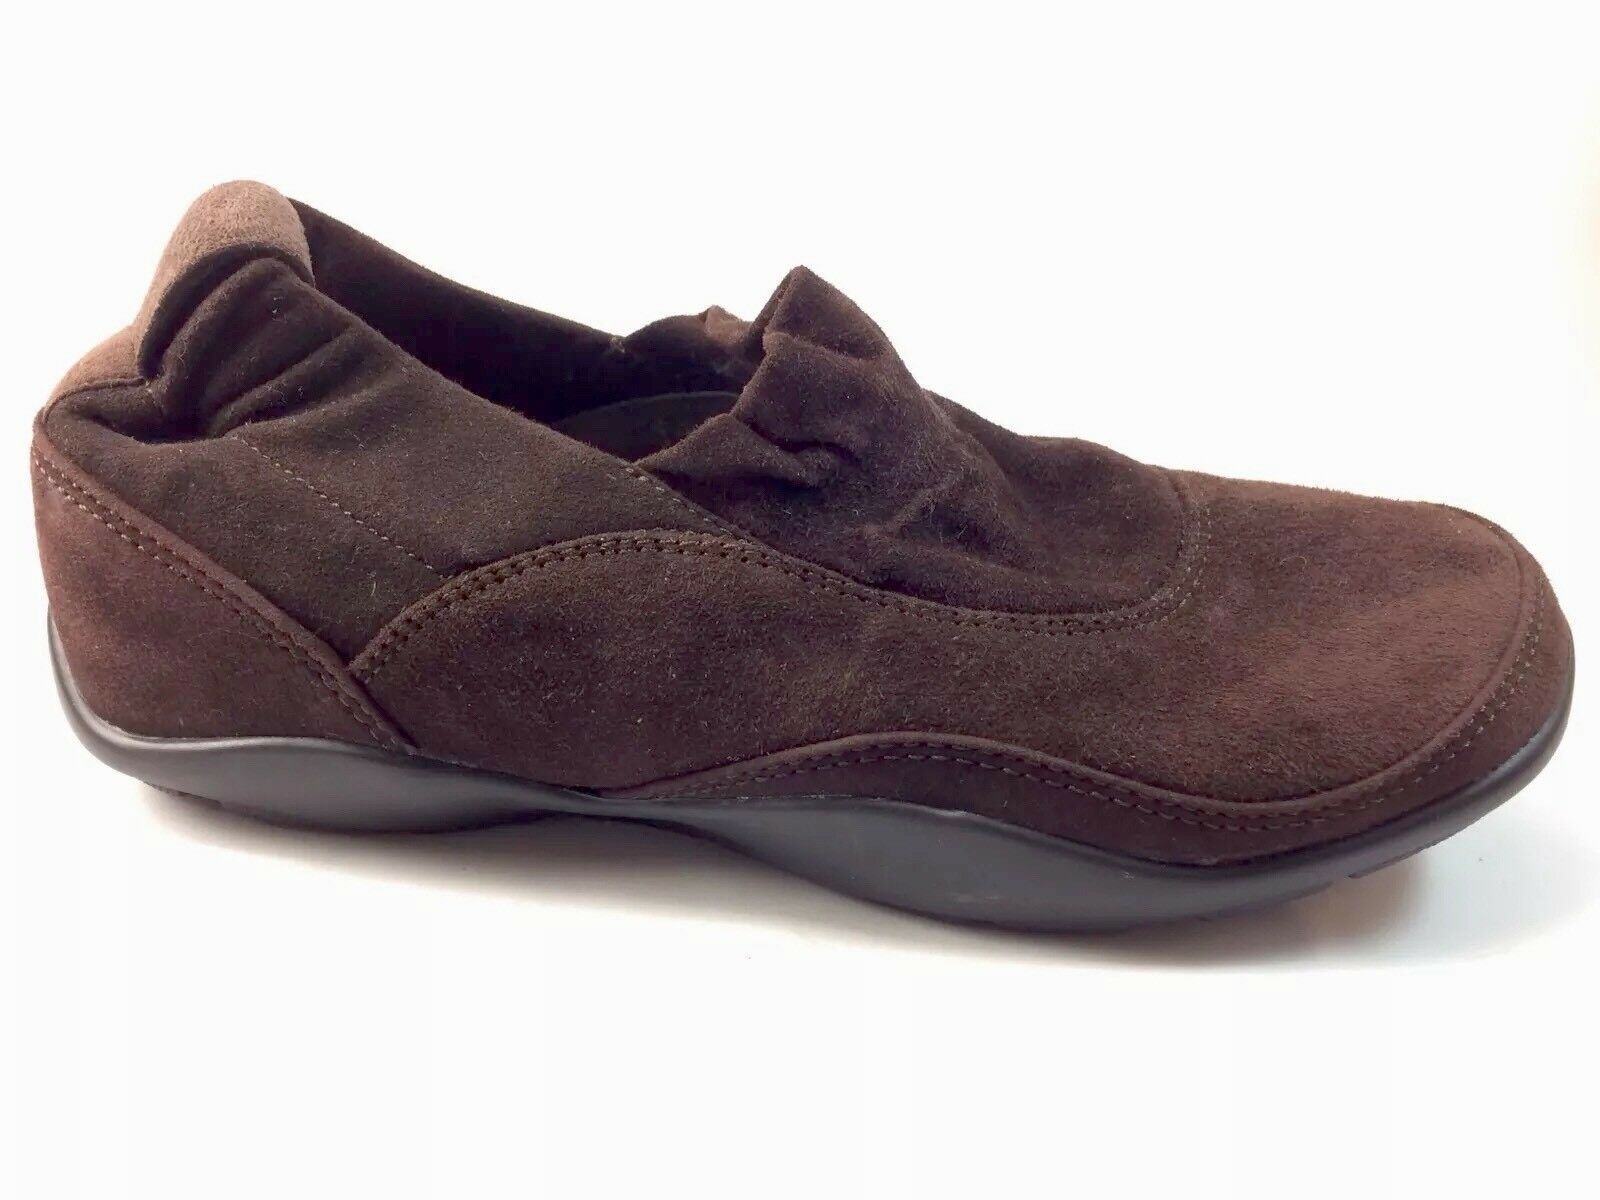 tutti i beni sono speciali Dansko donna's Marrone Suede Stretch Slip On On On scarpe Dimensione 6 EU 37  169  marchi di moda